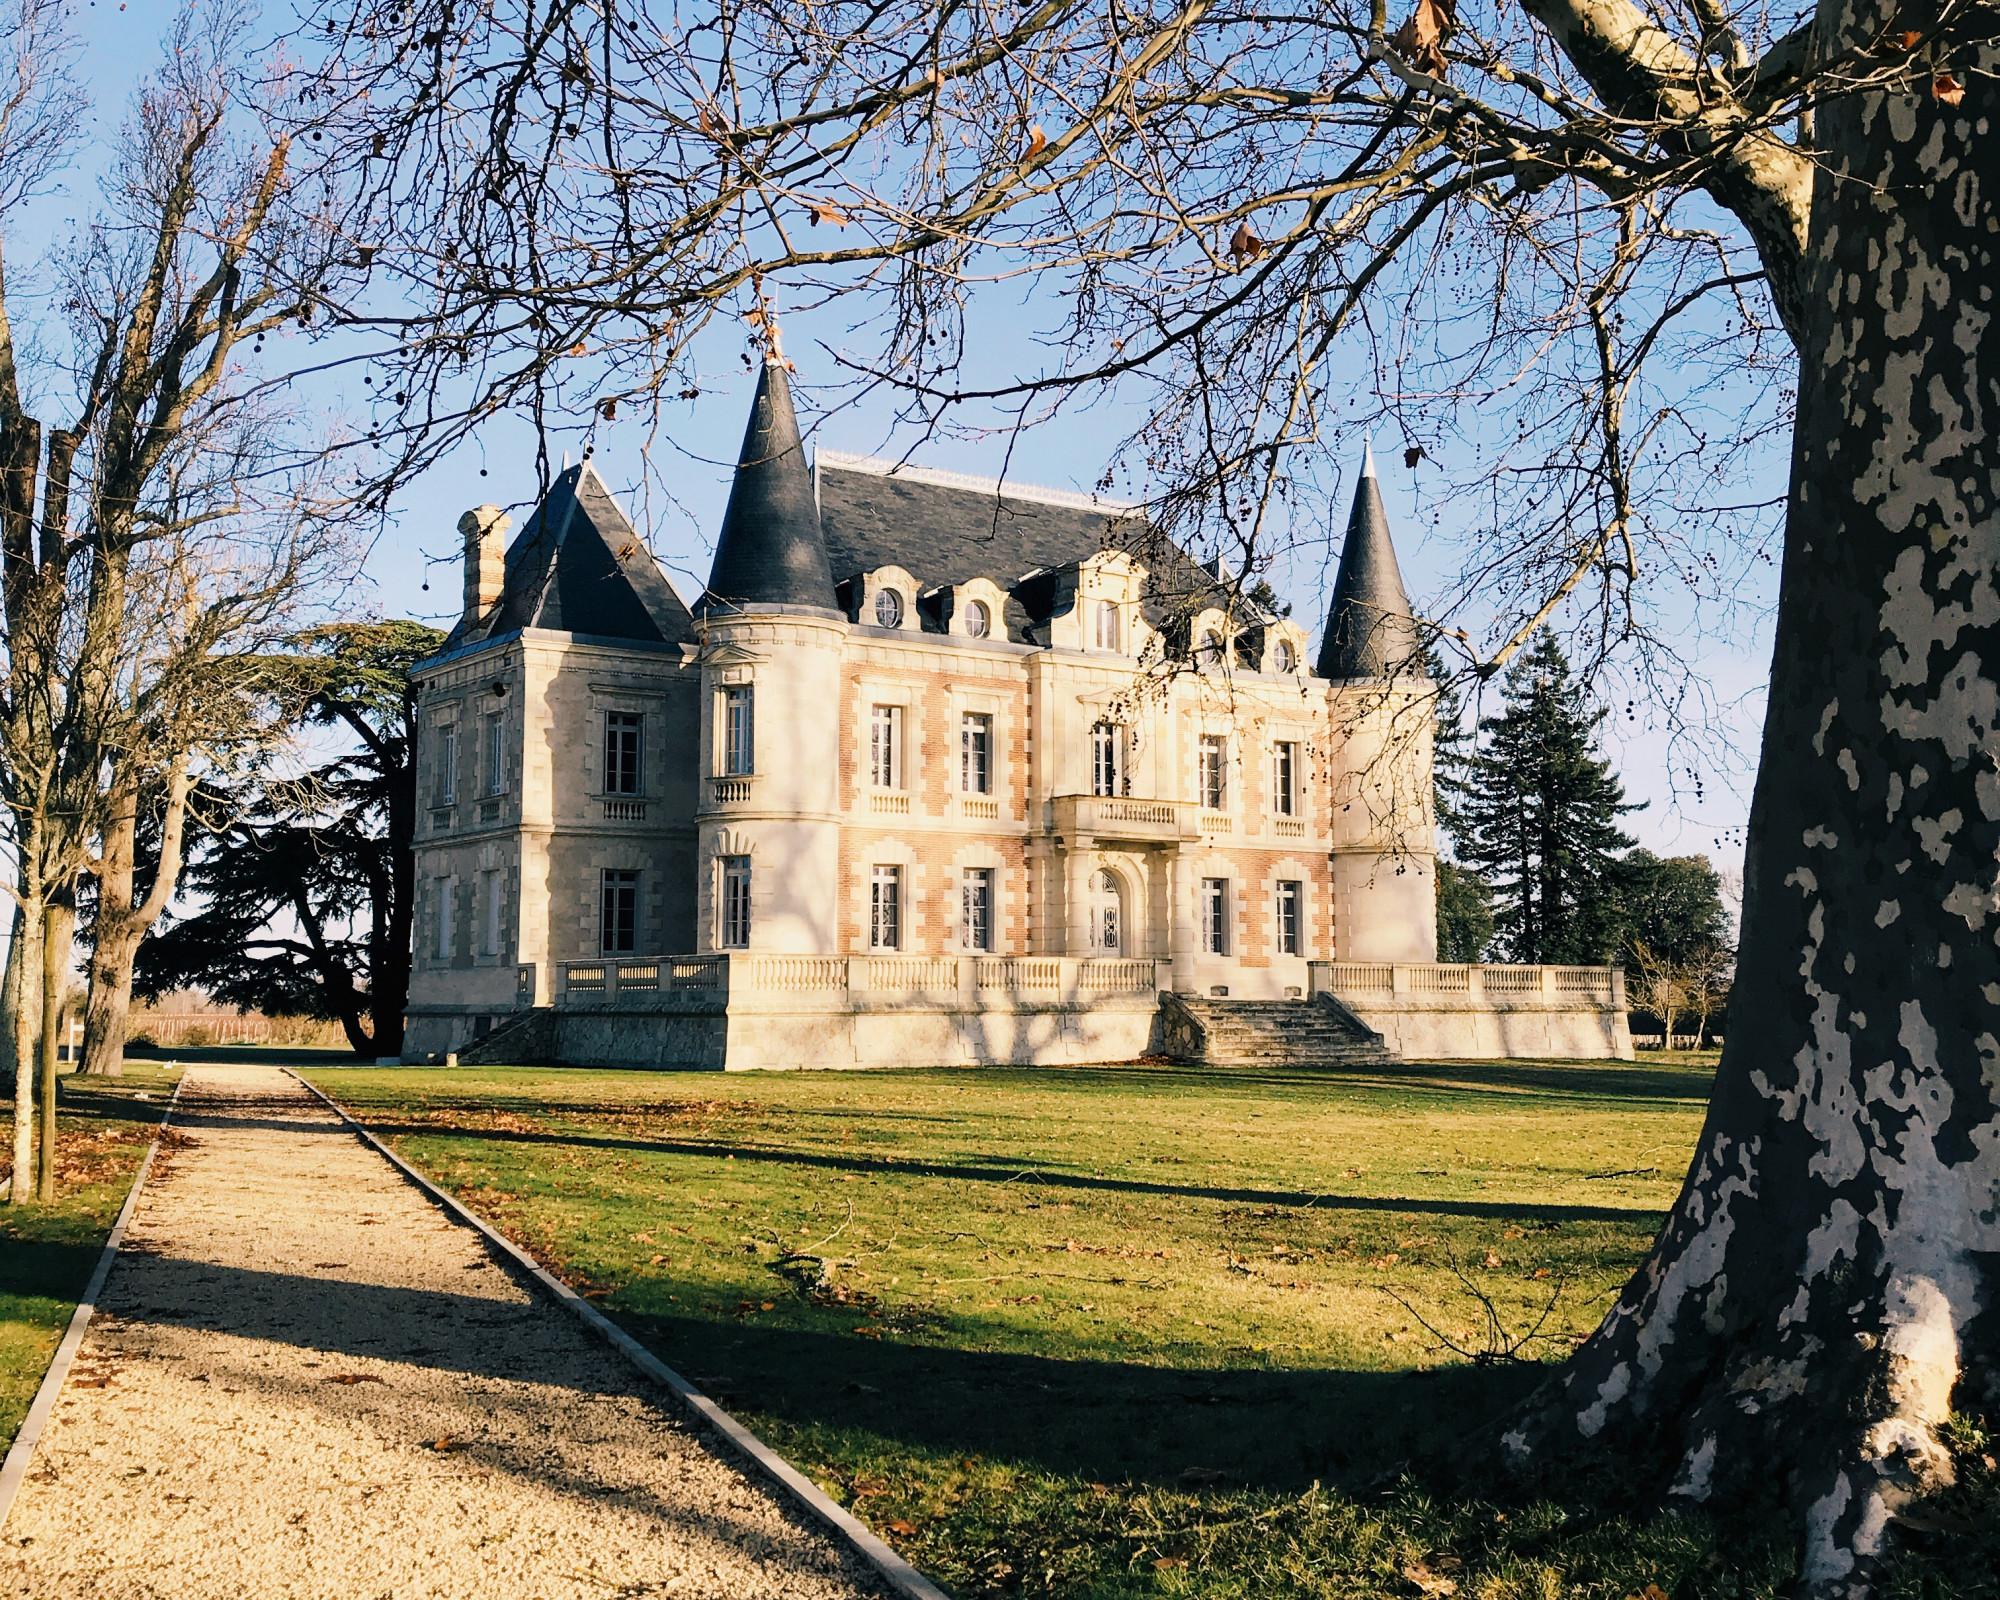 Photo 1: Chateau Lamothe-Bergeron, l'histoire du vin 2.0